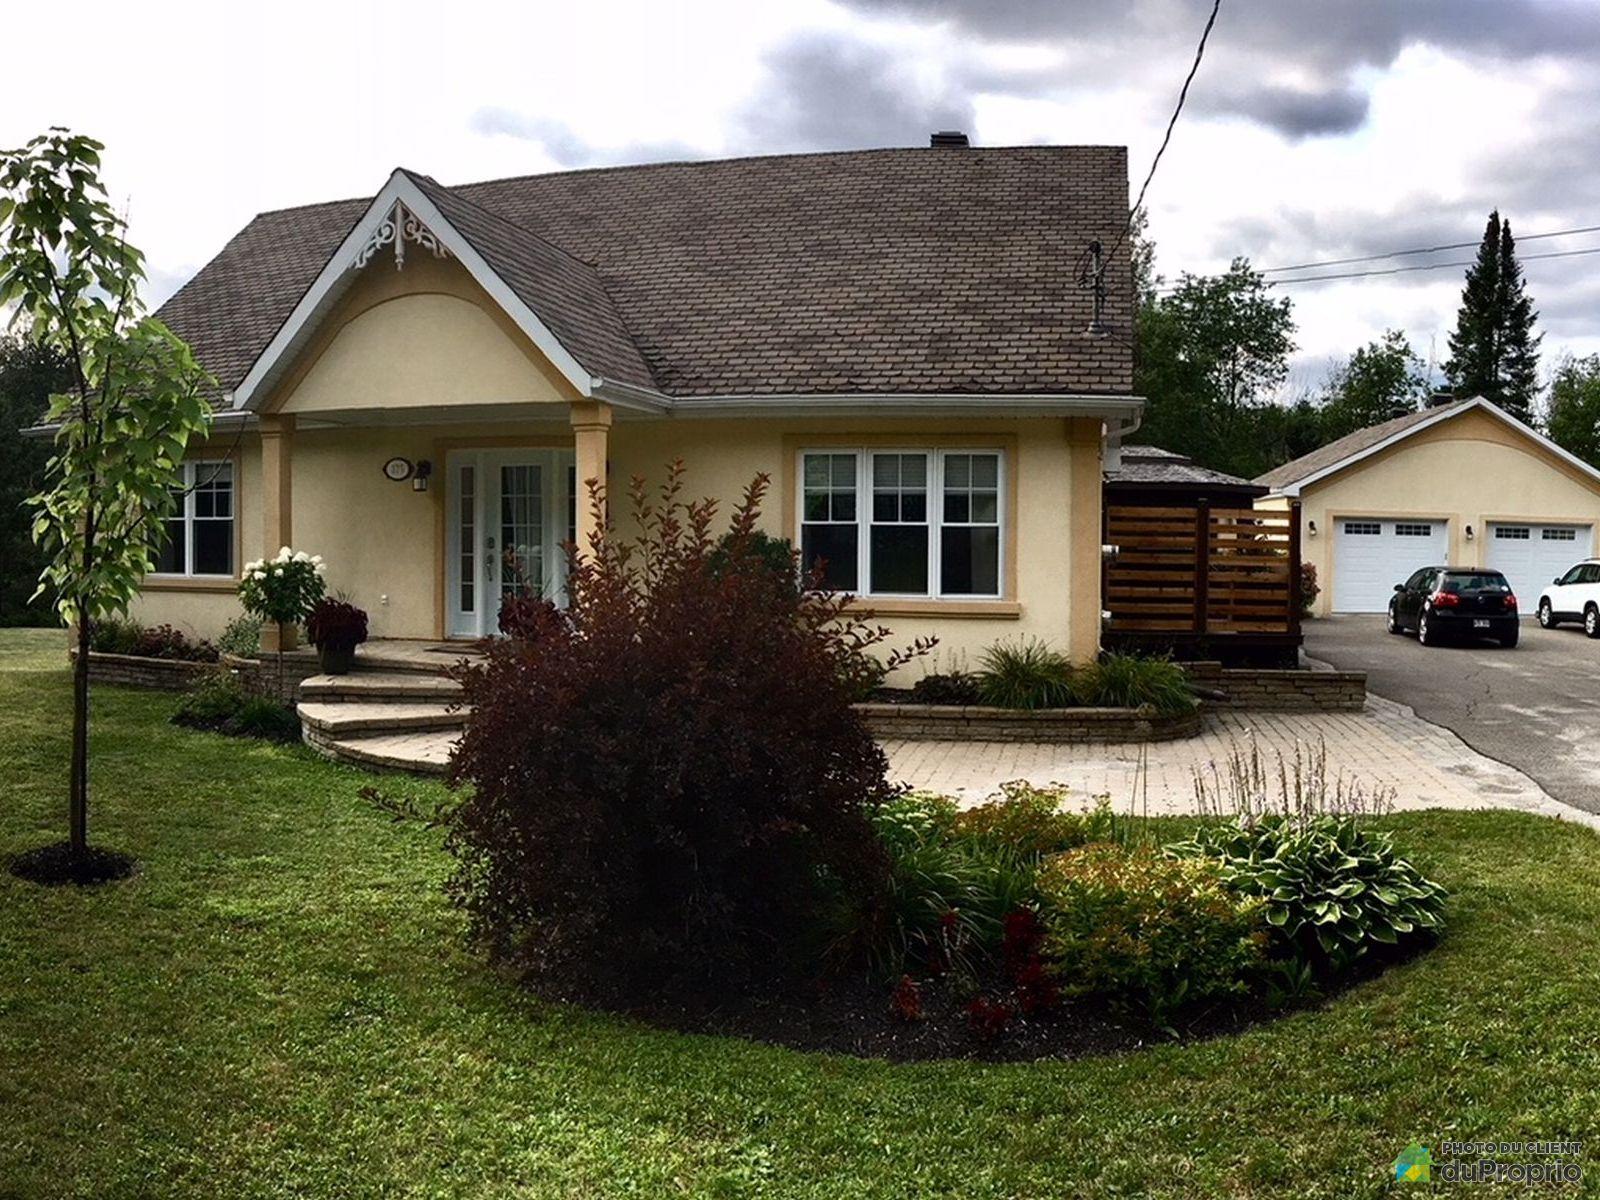 Garage - 175, 1re Avenue de la Beauport, St-Calixte à vendre